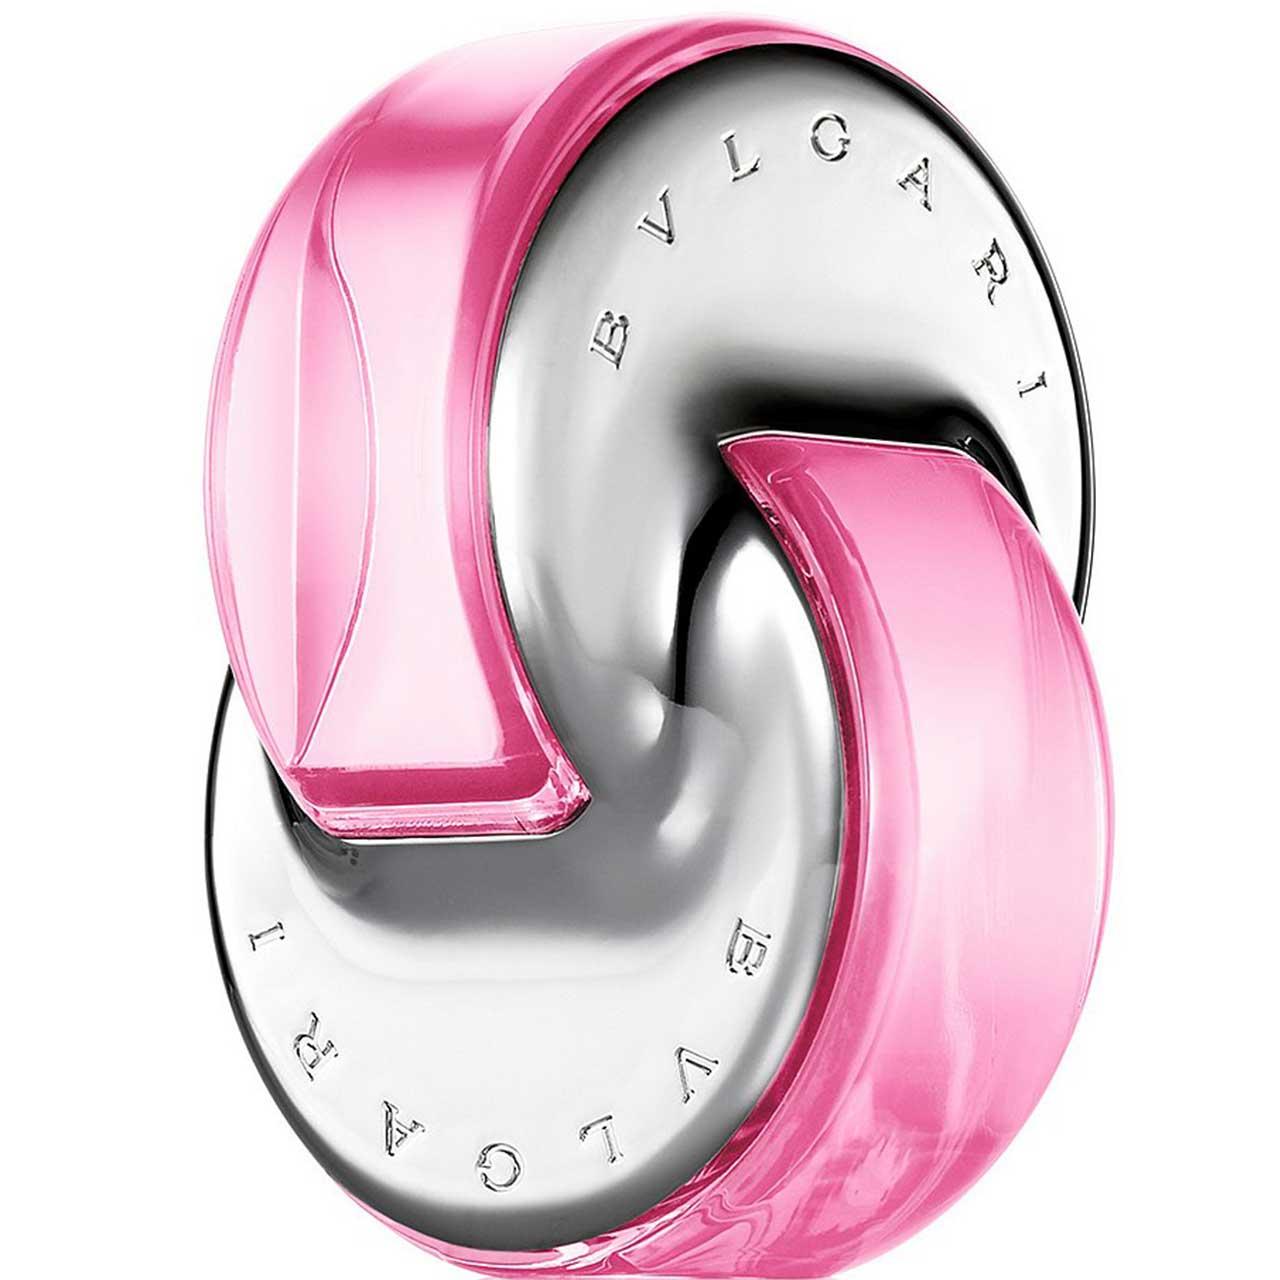 ادو تویلت زنانه بولگاری مدل Omnia Pink Sapphire حجم 65 میلی لیتر